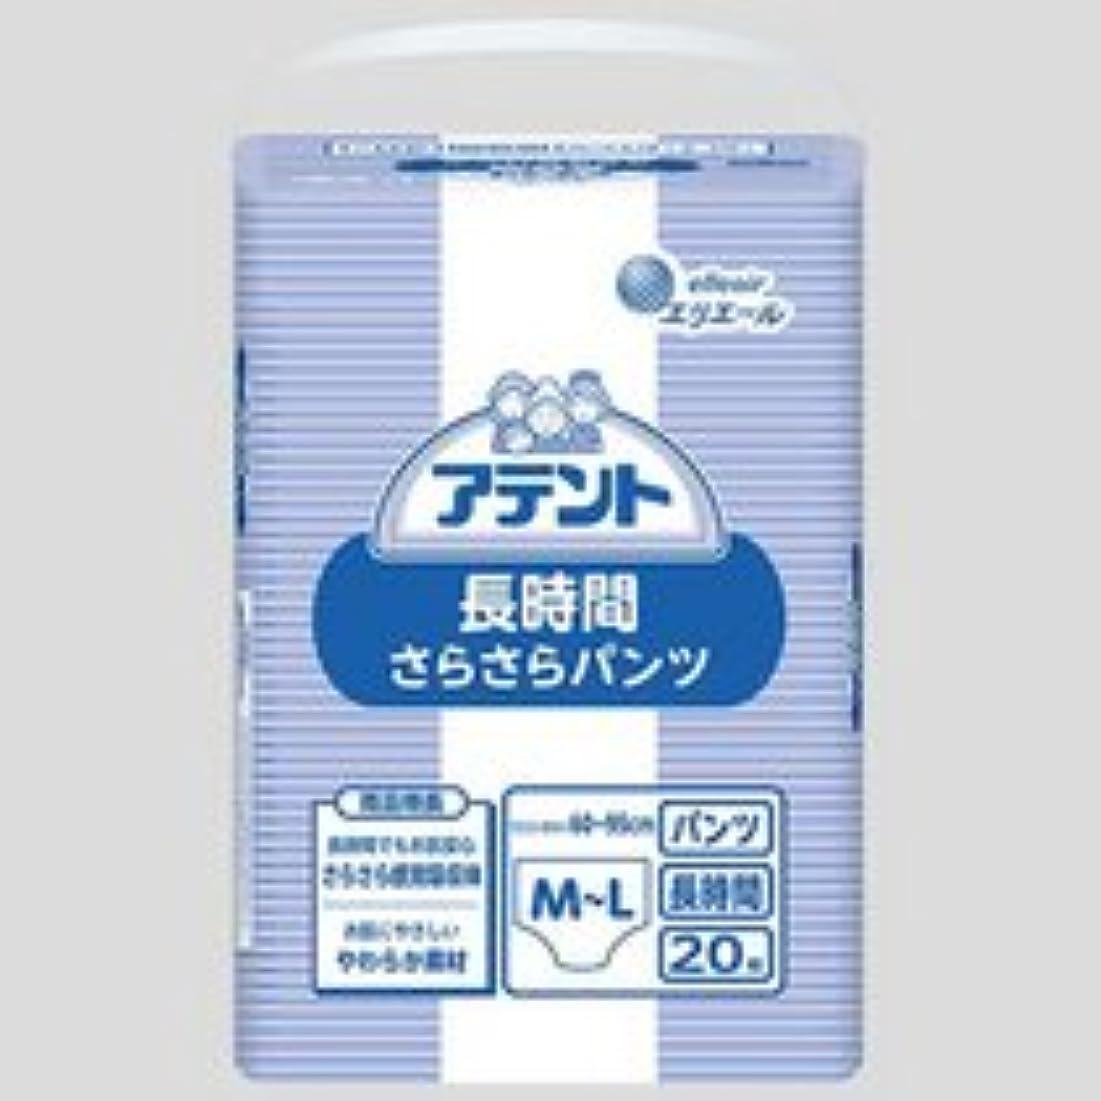 七時半チャペル適格大王製紙 アテント 長時間さらさらパンツ M-L 1セット(60枚:20枚×3パック)